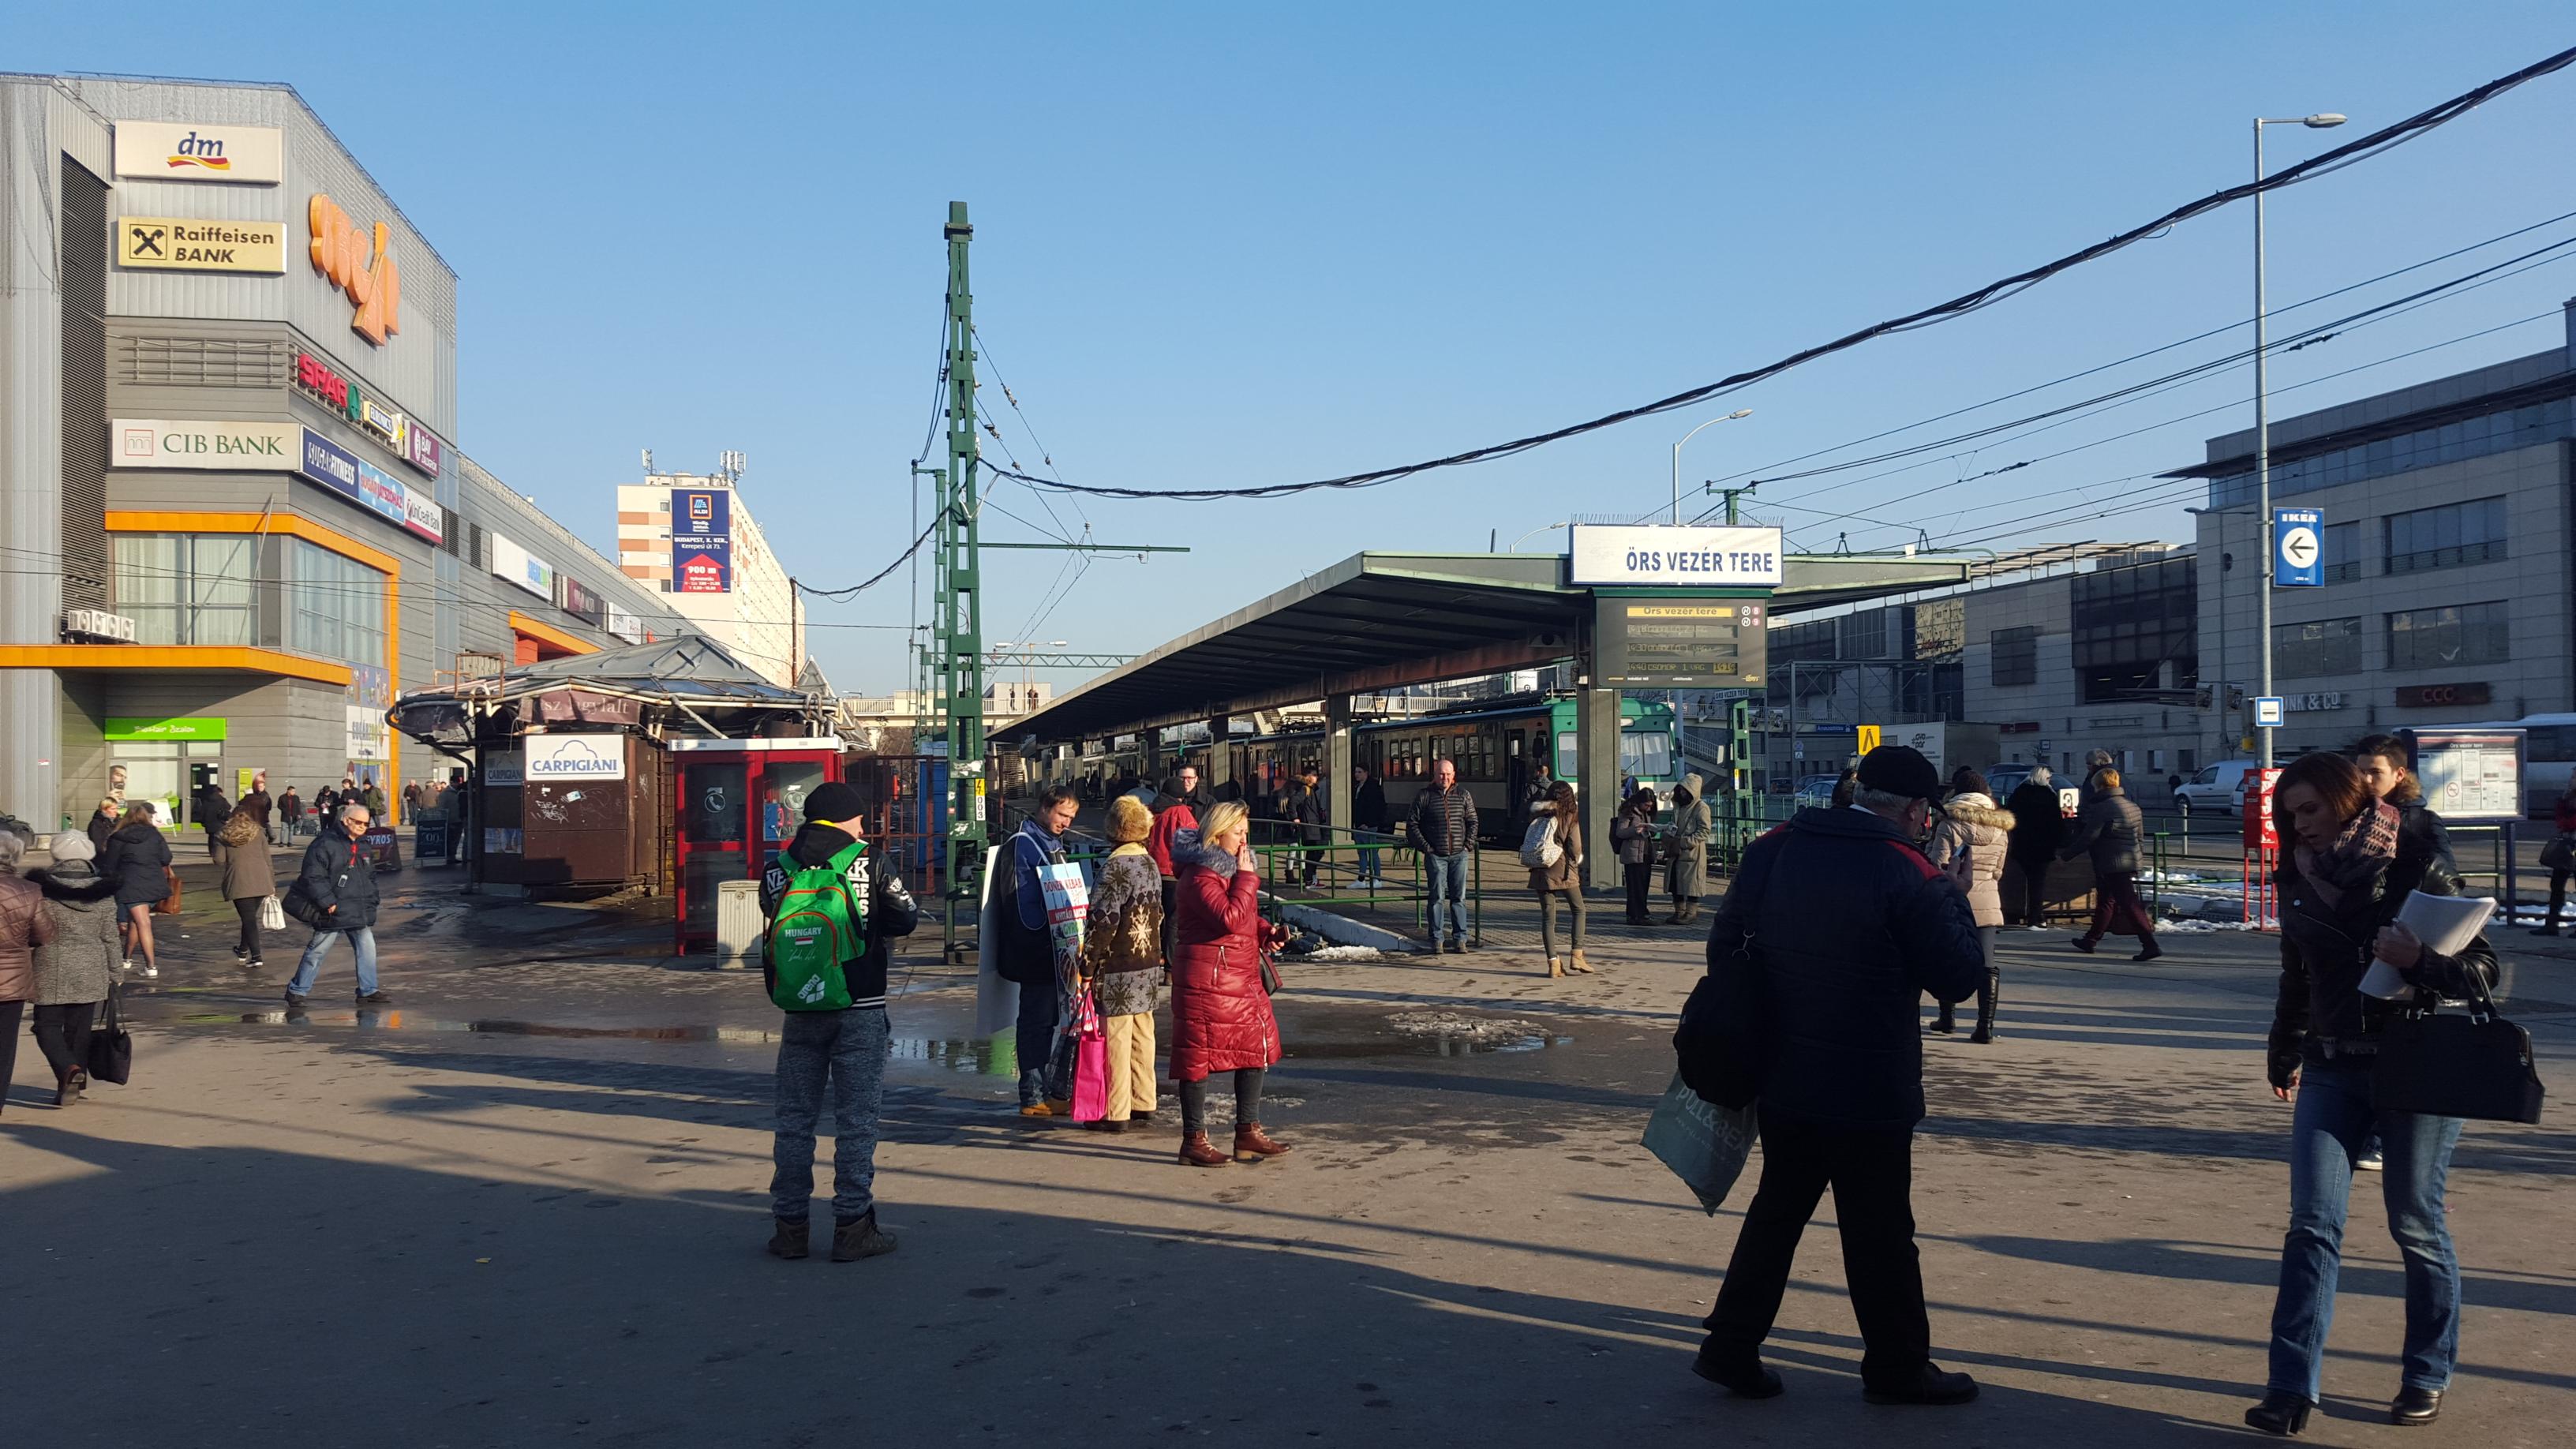 Még 5 kihagyhatatlan fejleszteni való Budapest közlekedésében